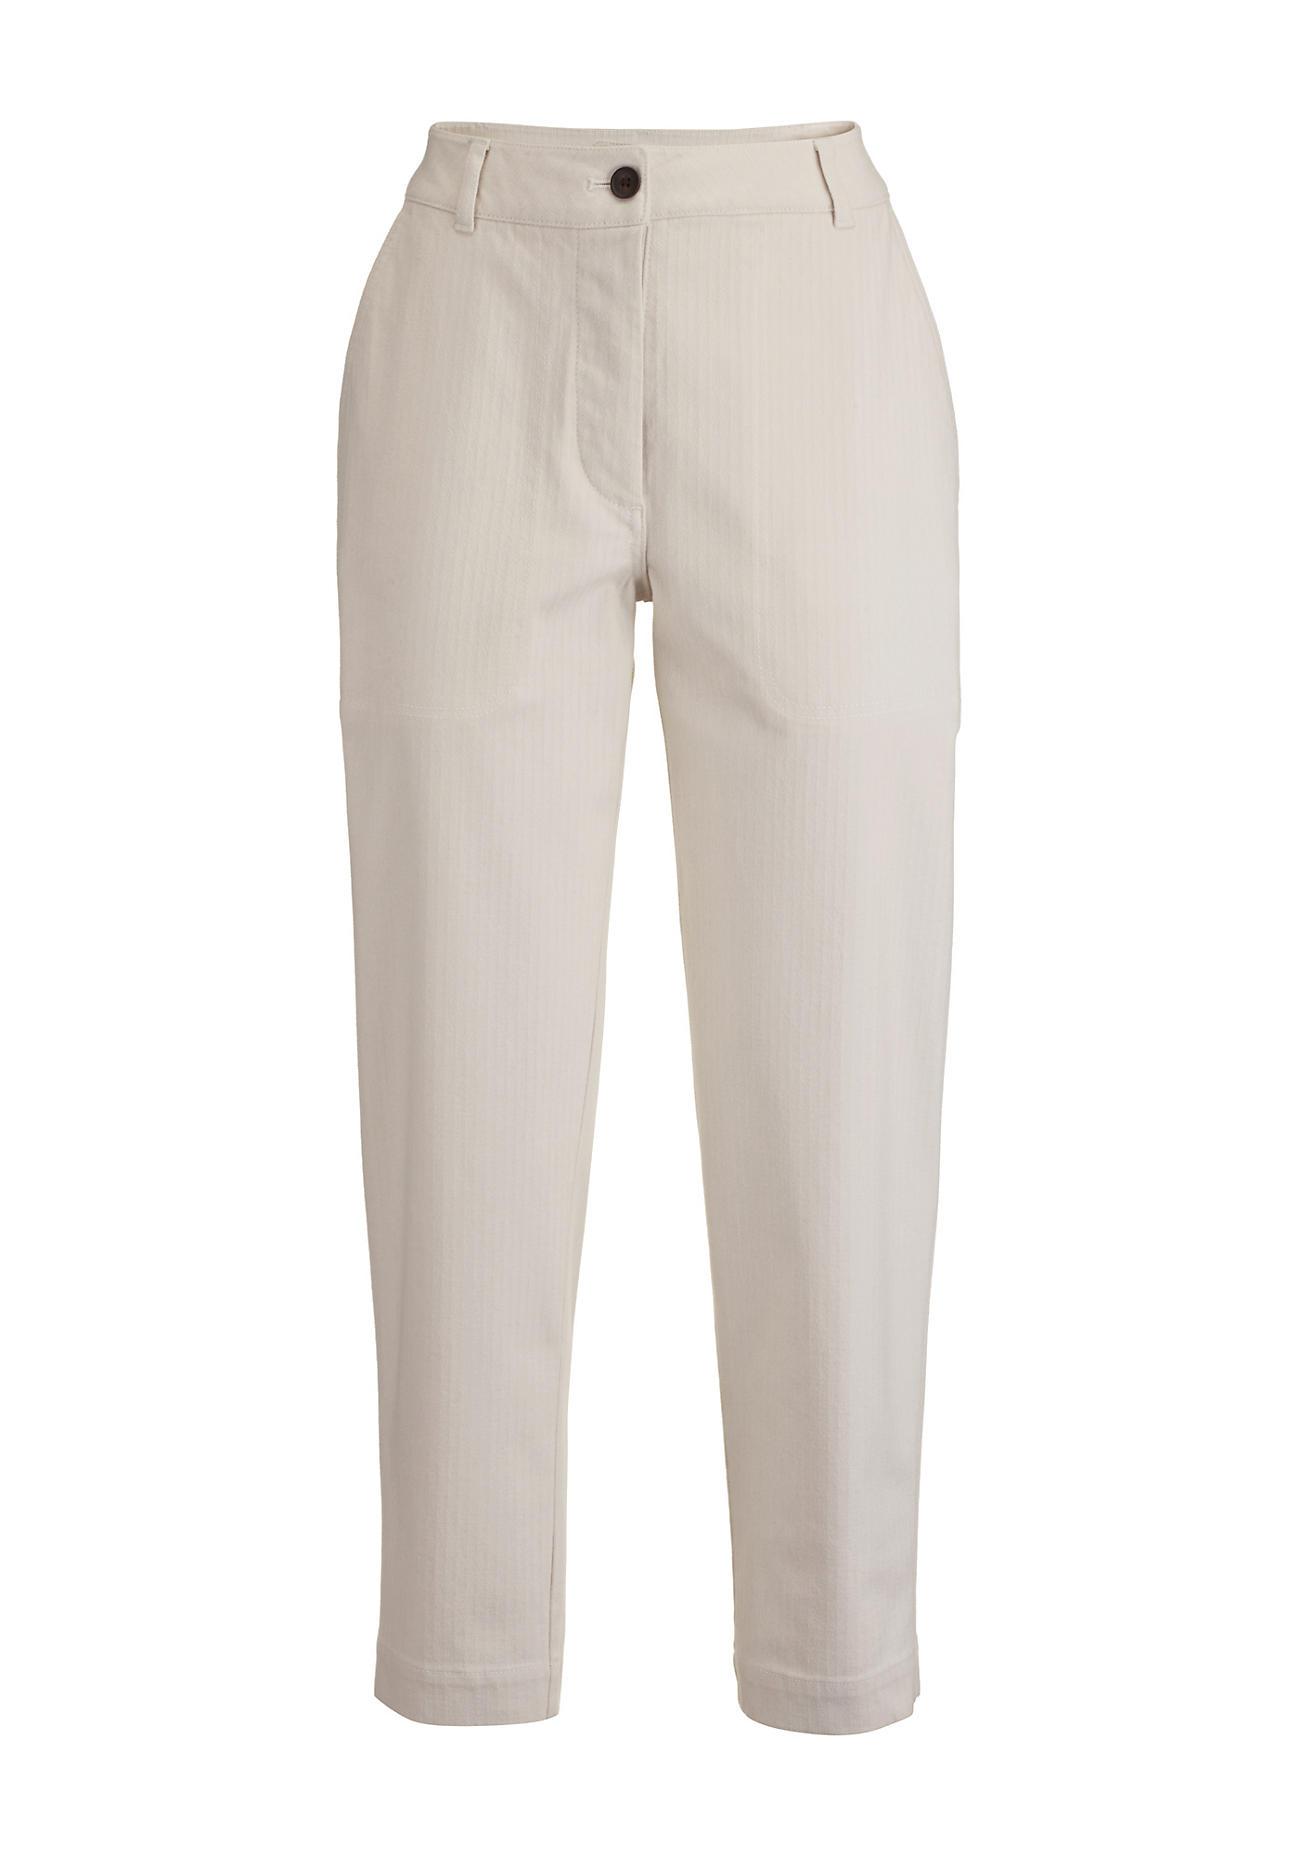 Hosen - hessnatur Damen Hose aus Bio Baumwolle – beige –  - Onlineshop Hessnatur